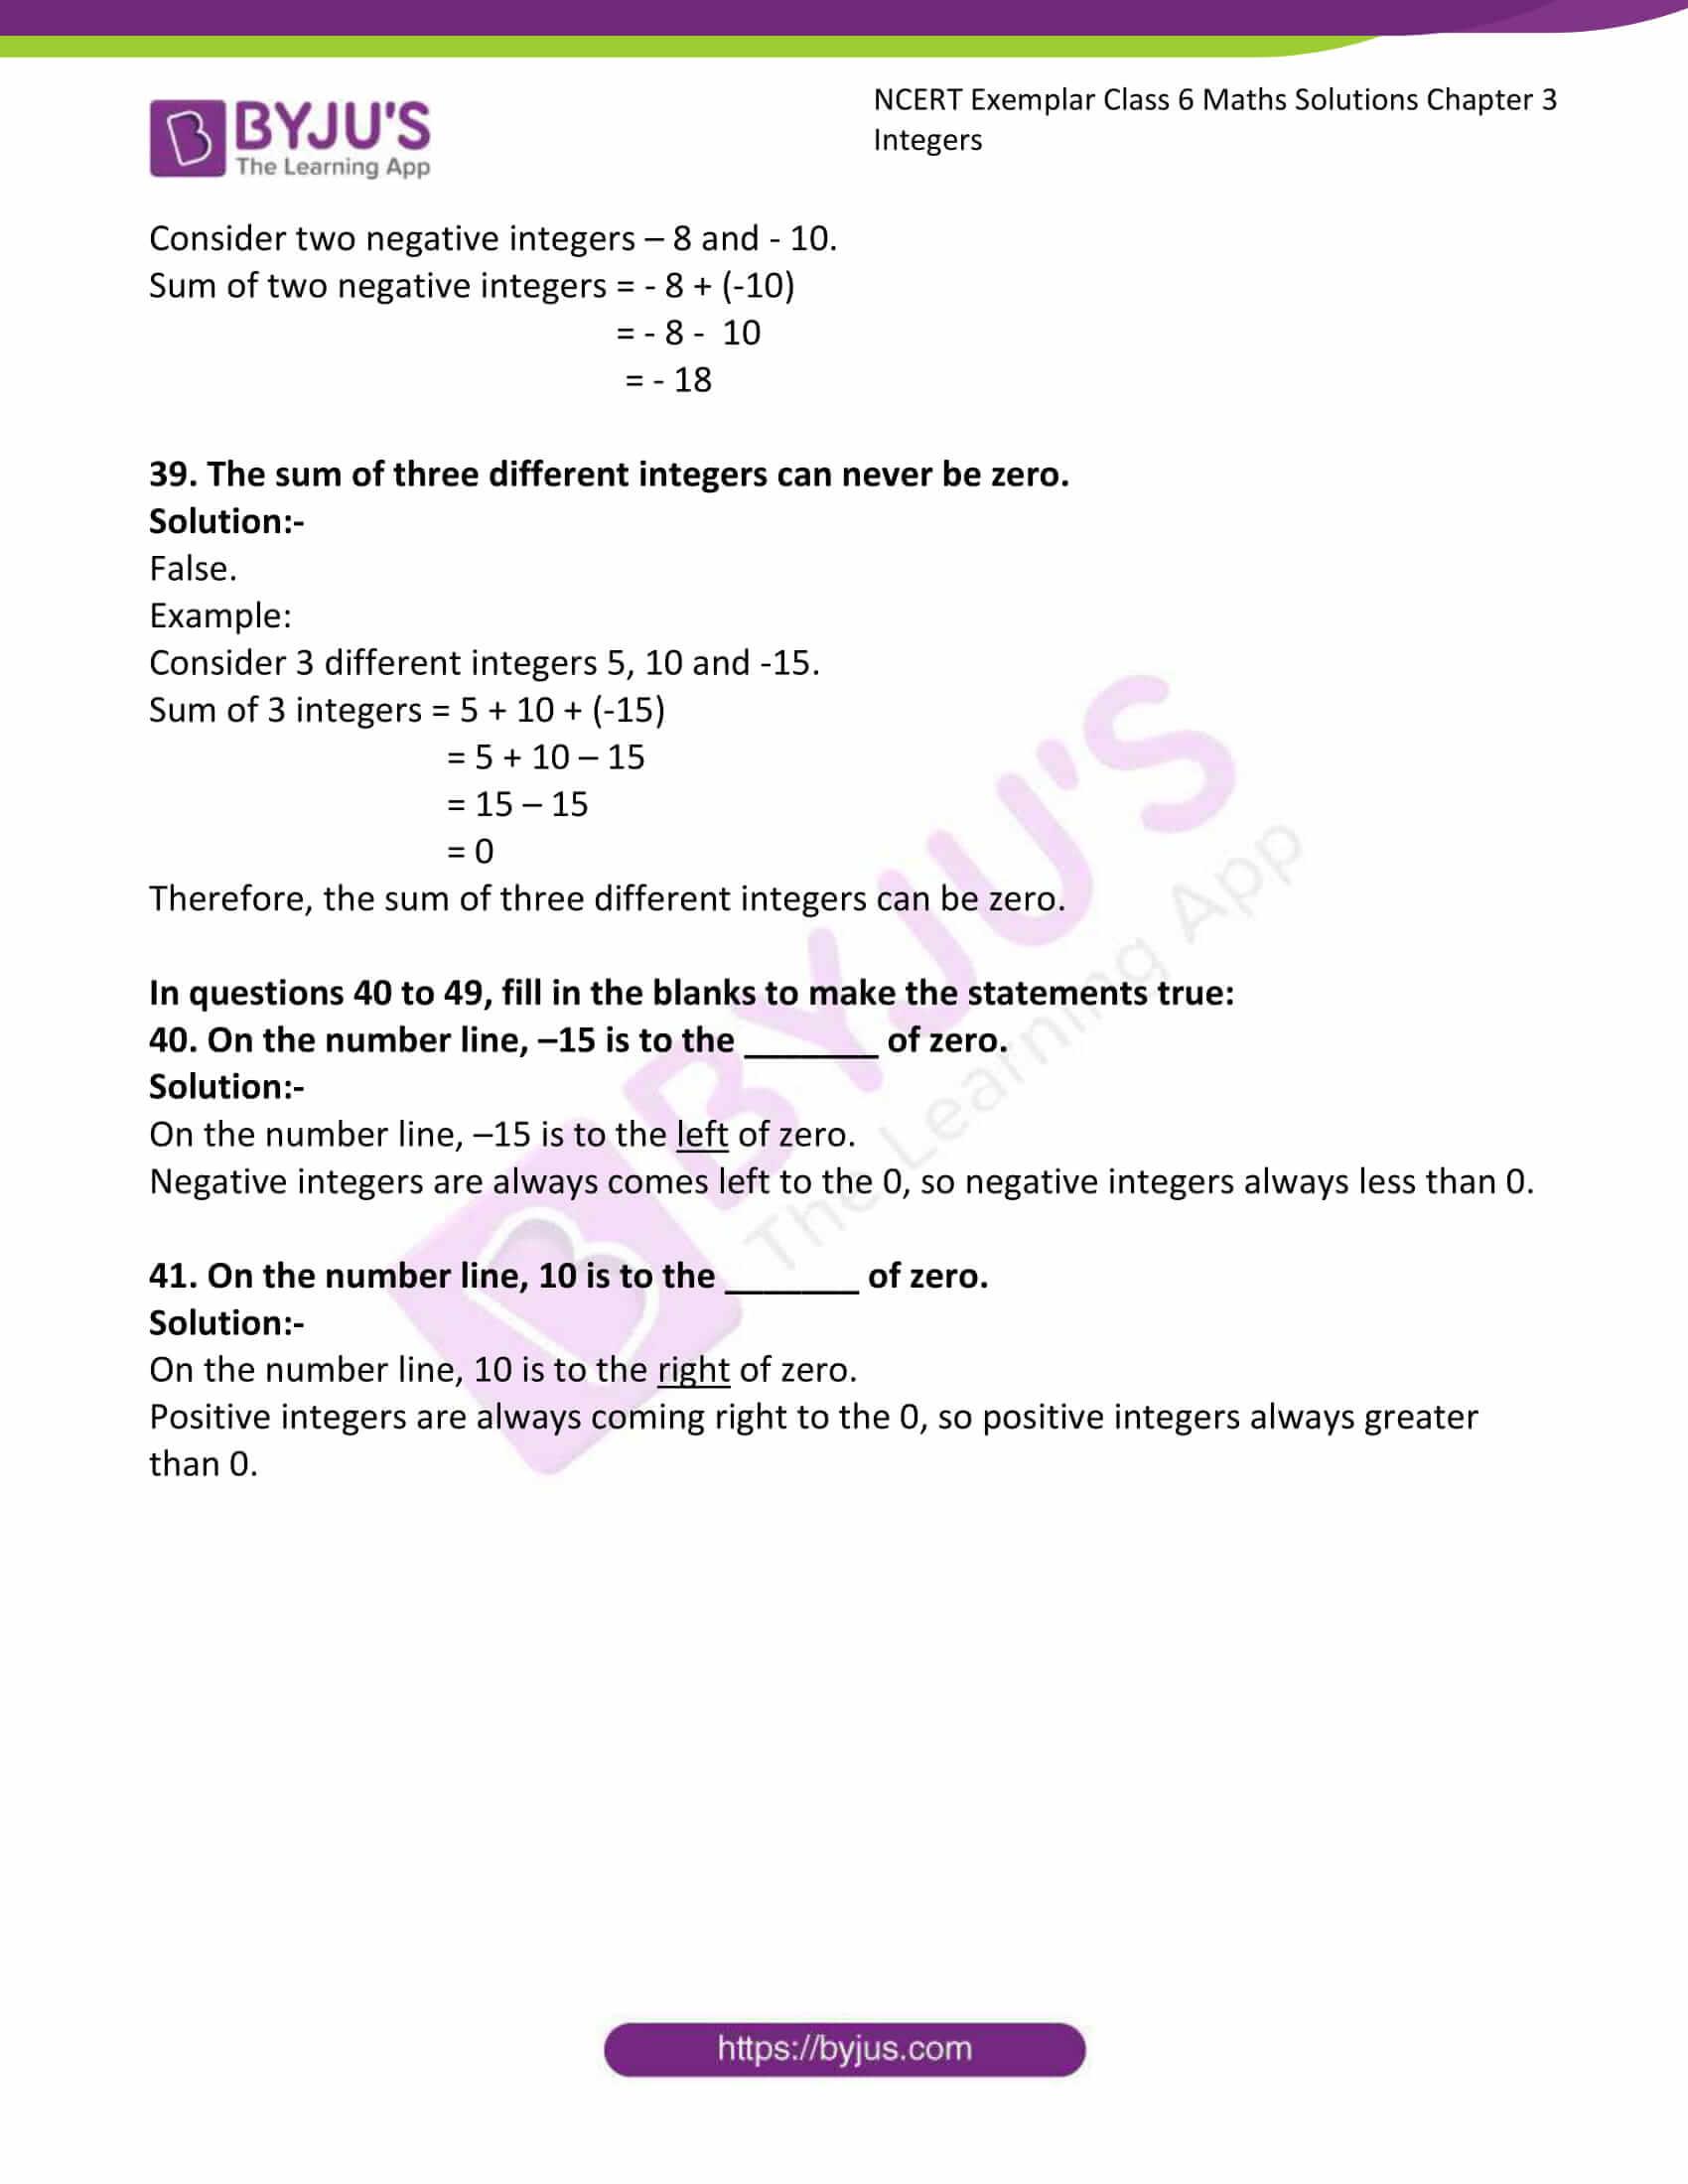 ncert exemplar class 6 maths sol ch 3 09